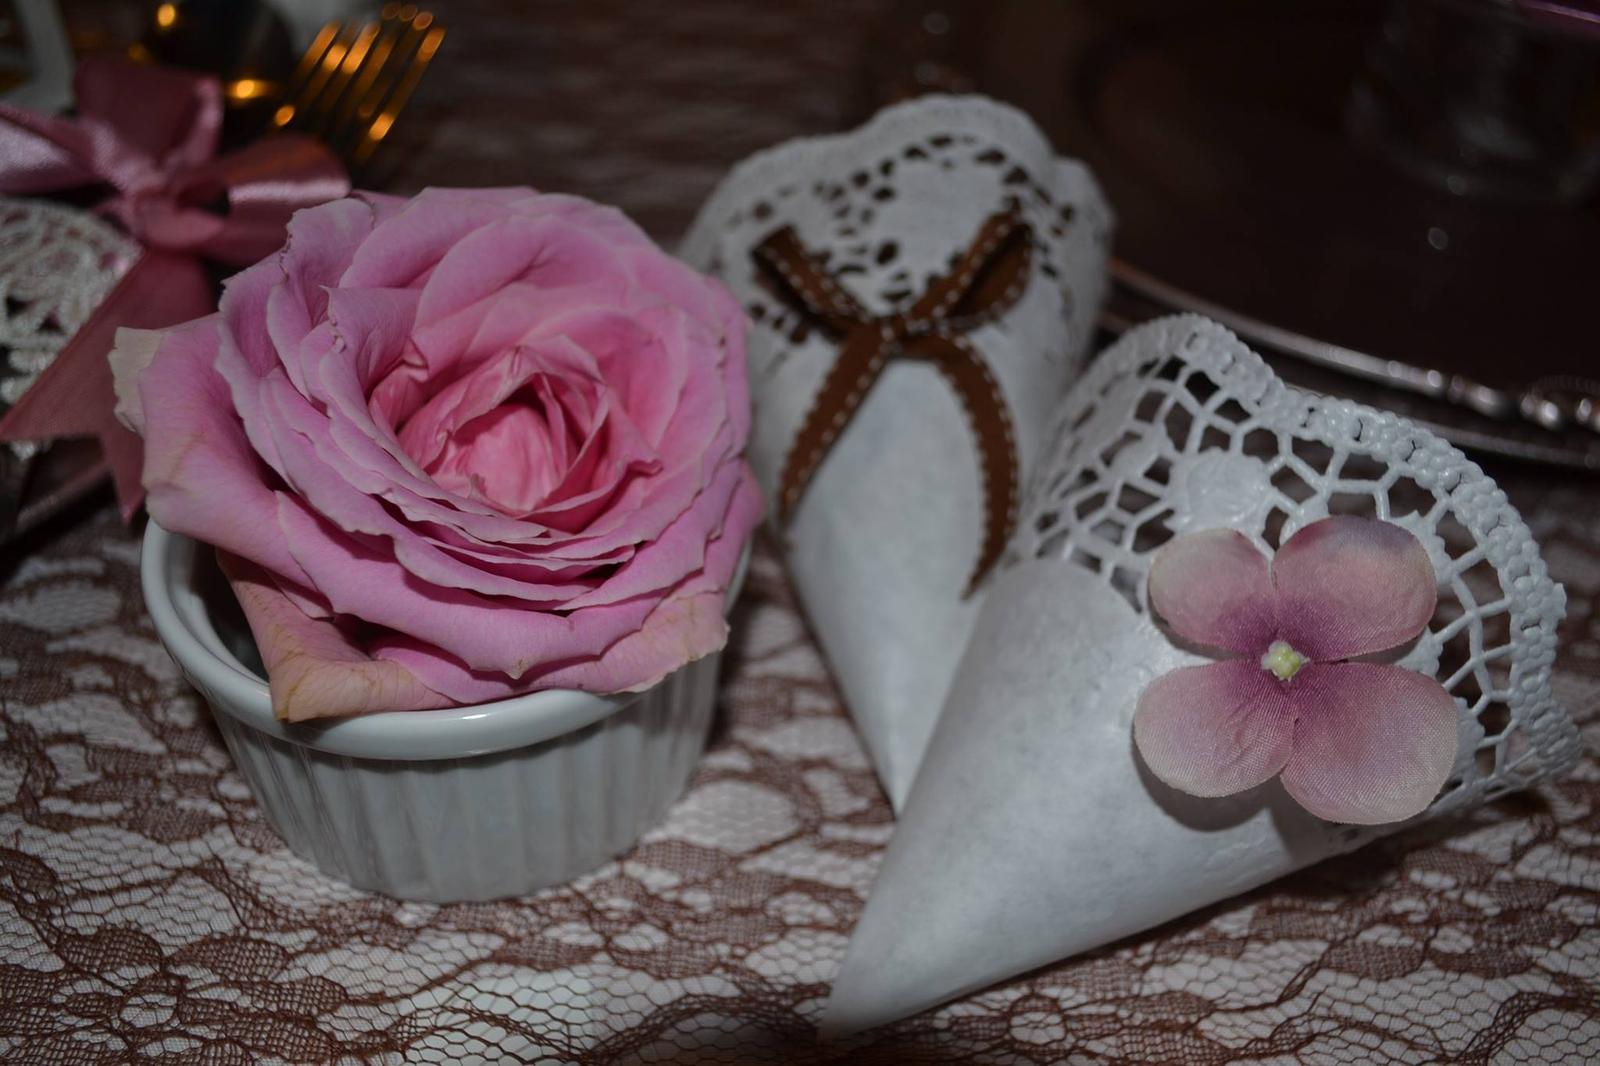 Nejkrásnější svatba - Kornoutky na rýži nebo plátky růží na míru přání